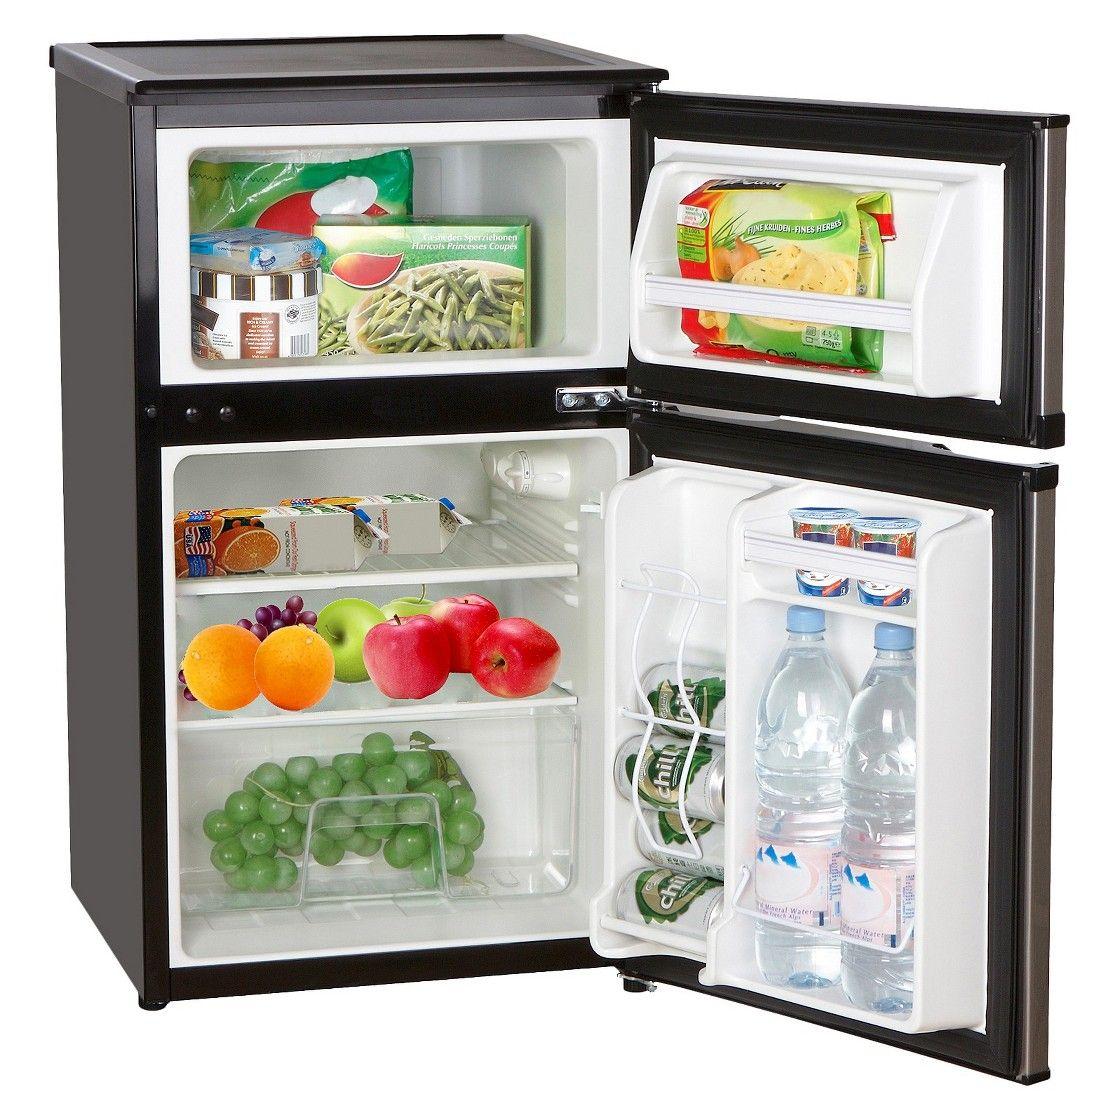 Emerson 3 1 Cu Ft 2 Door Compact Fridge And Freezer Compact Fridge Mini Fridge With Freezer Mini Fridge